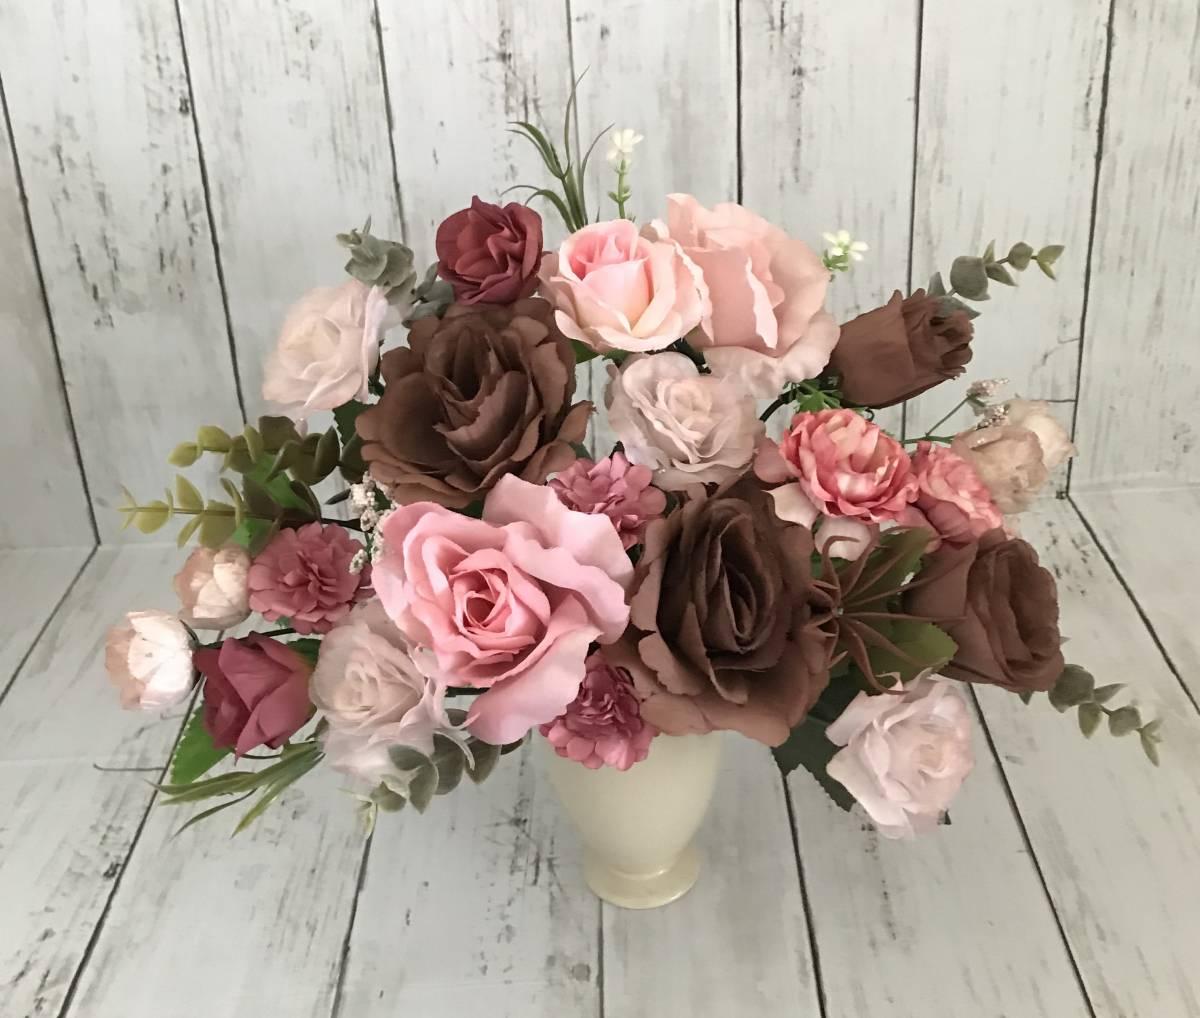 pretty flower�x�[�W���Ԋ�`���R���[�g�u���E���ƃ~���N�e�B�[�s���N���K�N�t�F�~�j���A�����W Image4